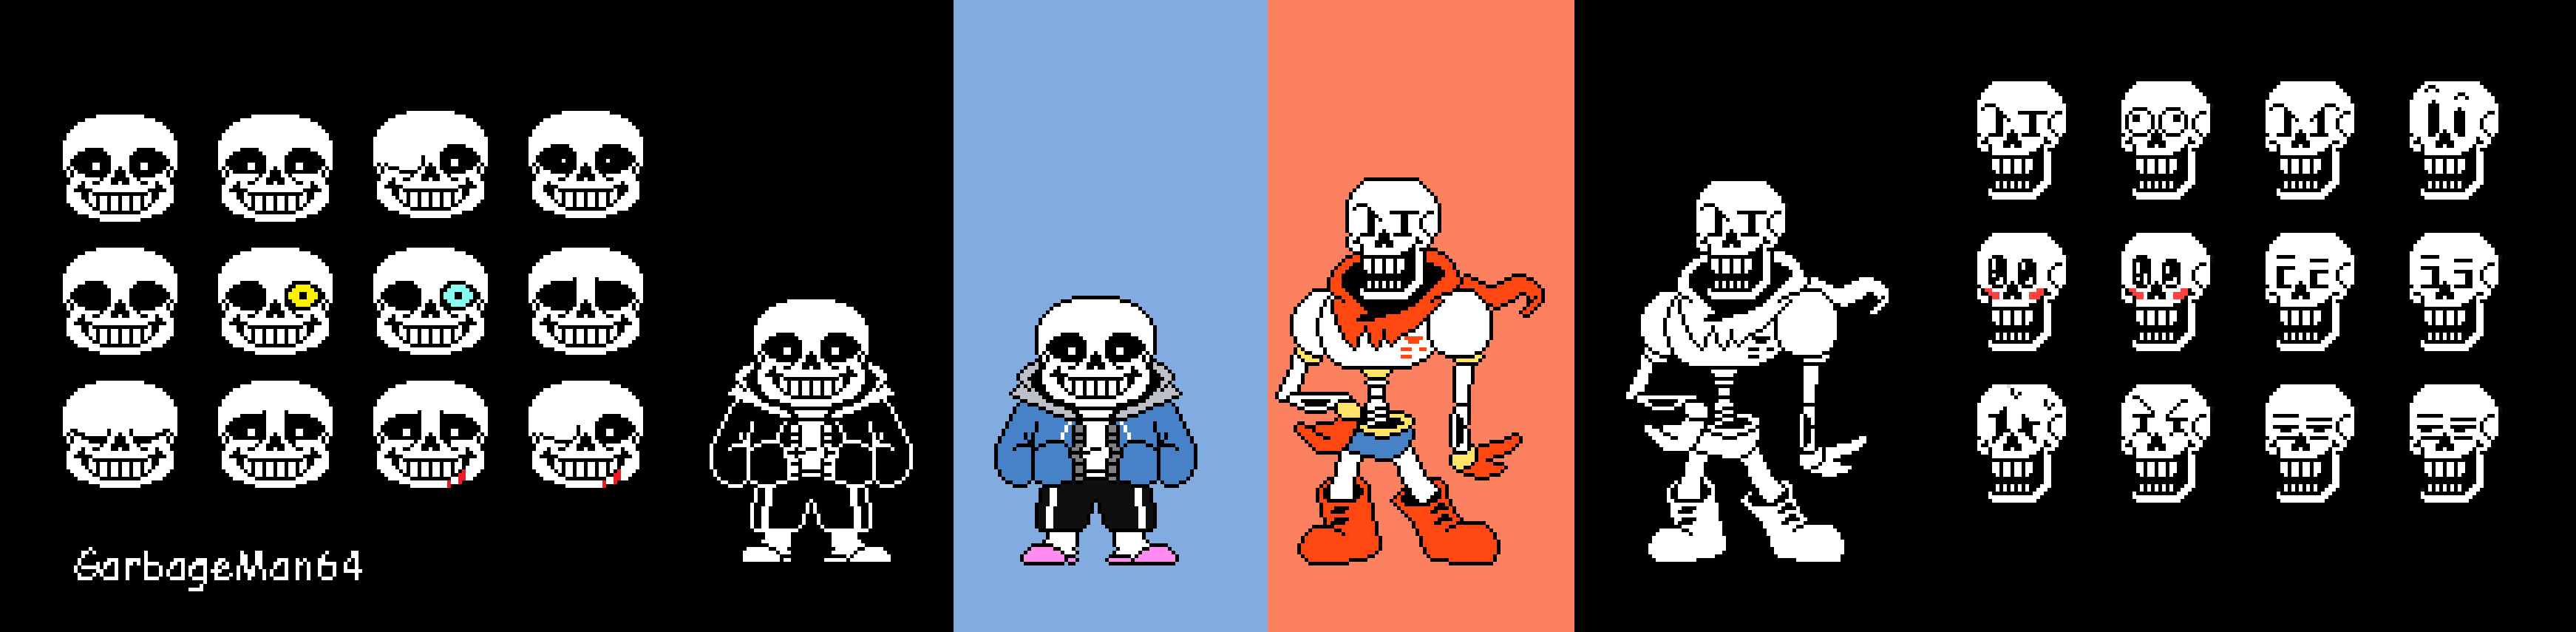 Sans V3 and Papyrus V2